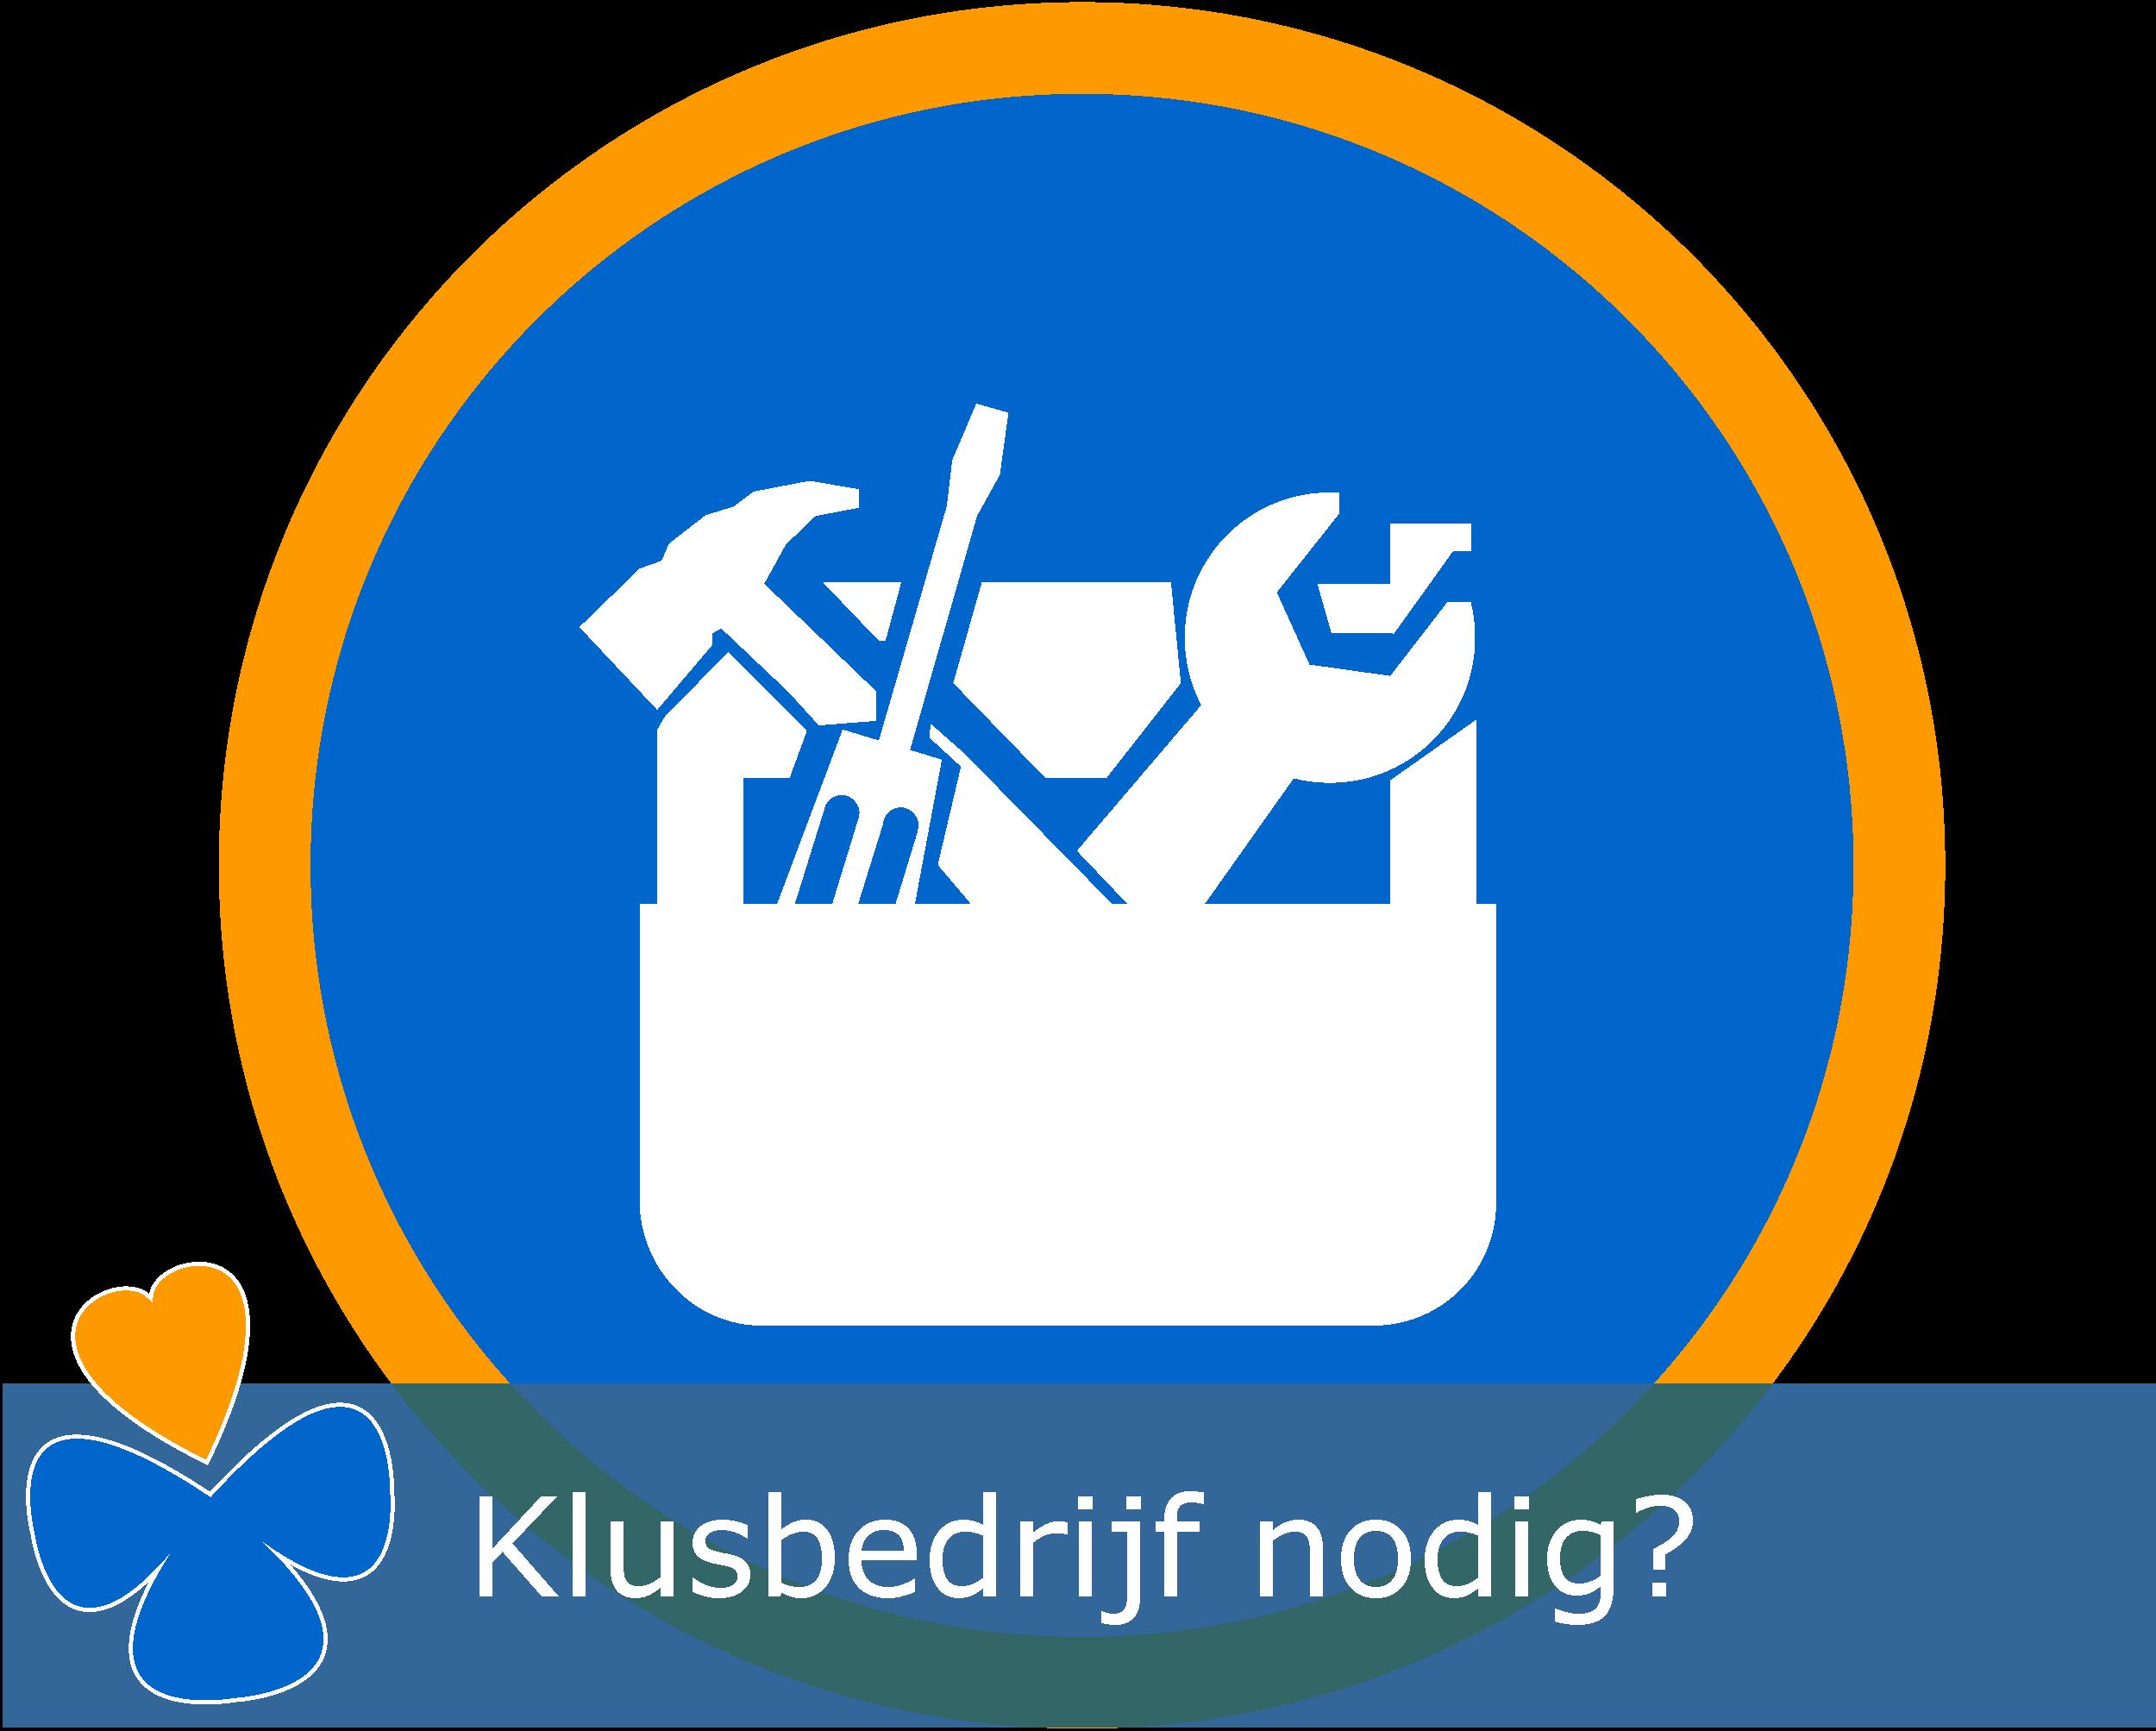 Klusbedrijven provincie Utrecht nodig? Kusbedrijven staan klaar in provincie Utrecht!